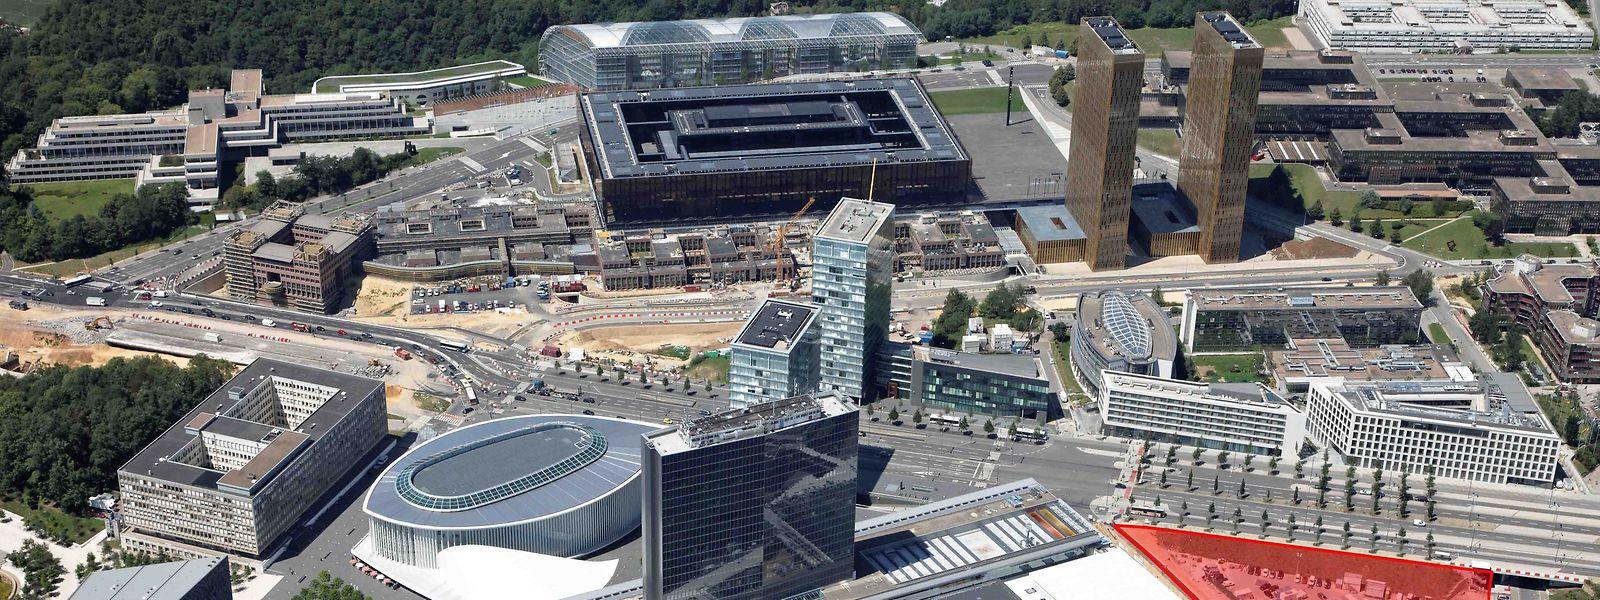 Le nouveau siège mondial d'ArcelorMittal doit être construit sur la surface colorée en rouge sur cette photo, juste à côté du European Convention Center Luxembourg (ECCL).